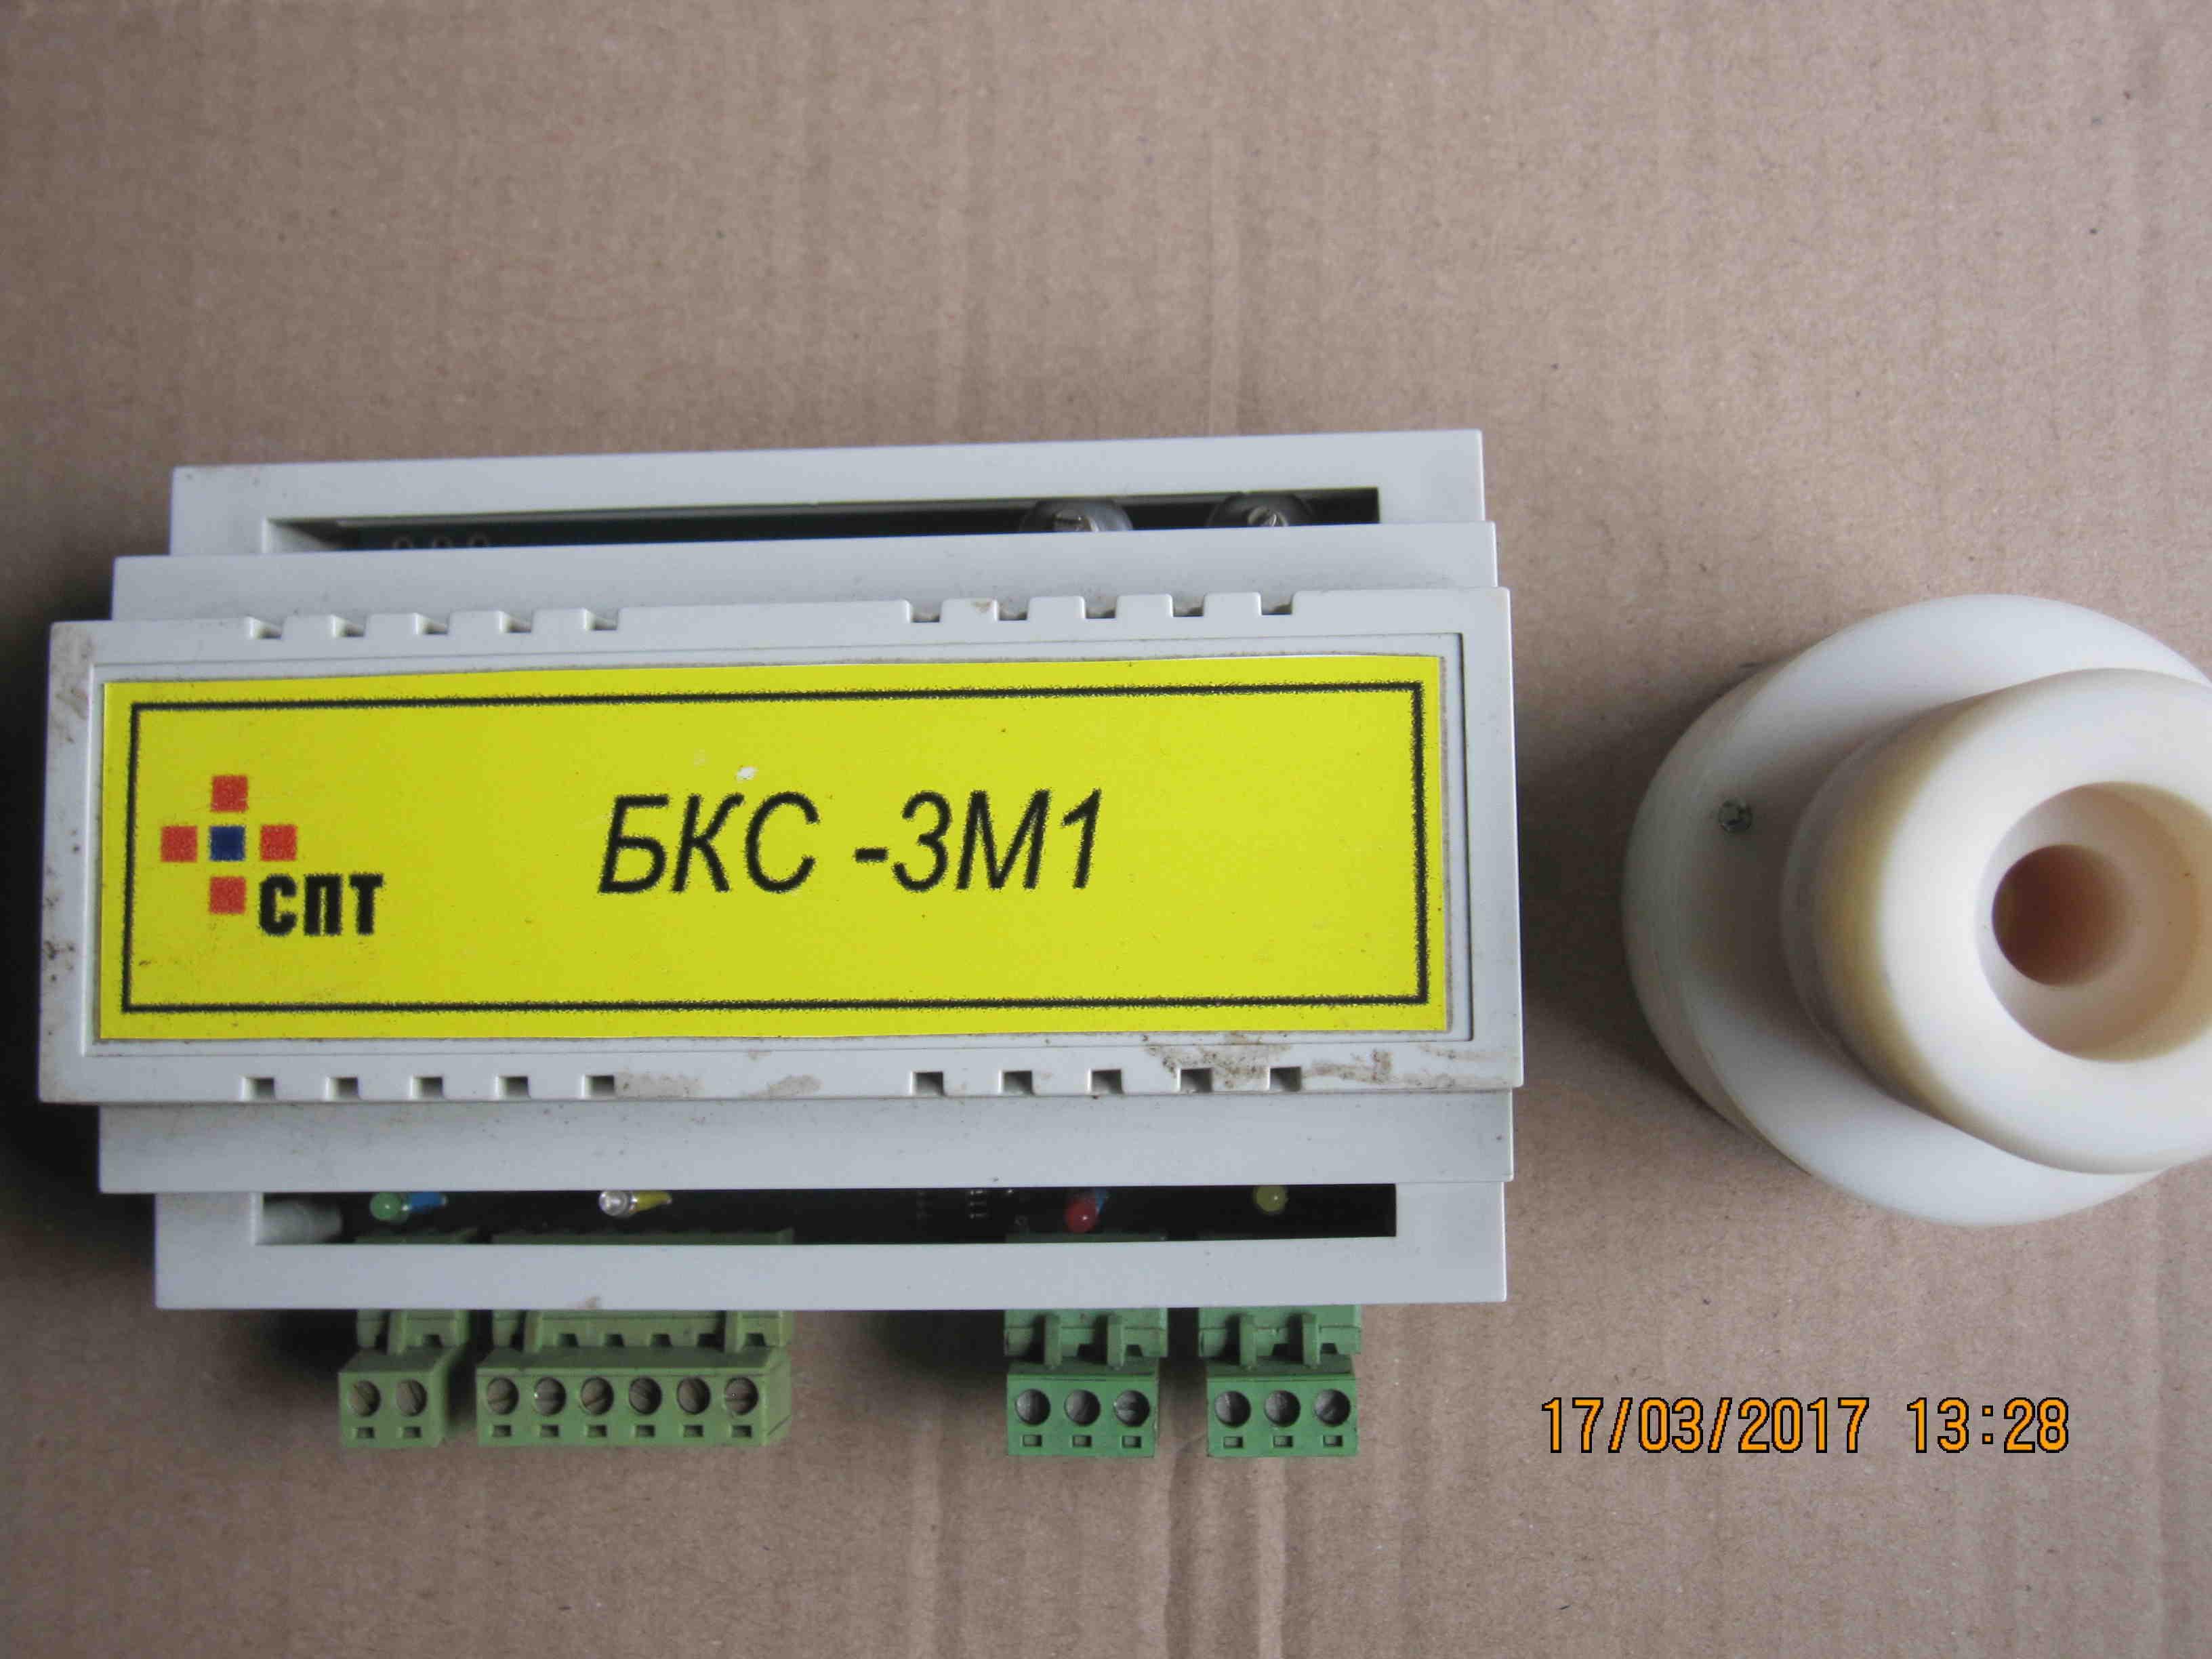 Датчик уровня БКС-3М1, зображення 1